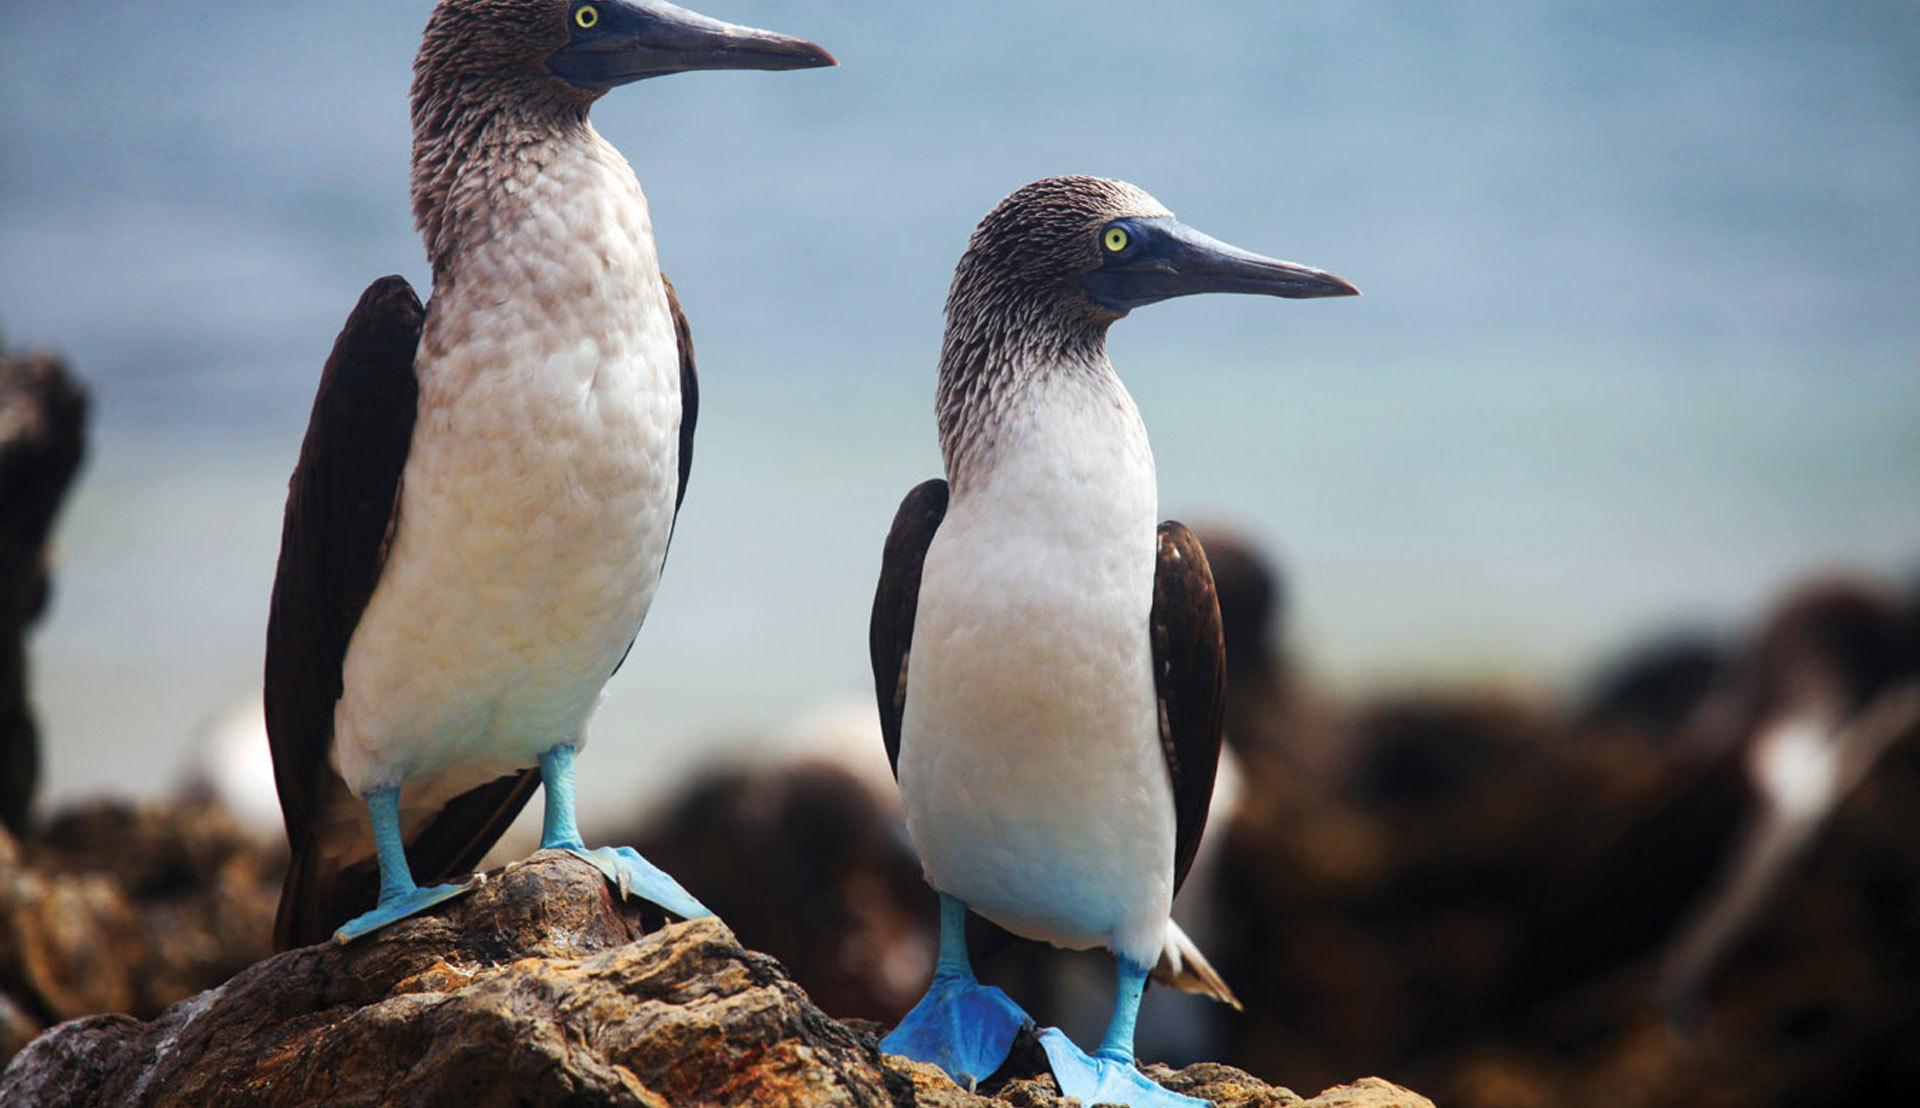 智利復活節島 厄瓜多爾加拉帕戈斯群島 玻利維亞烏尤尼 秘魯馬丘比丘21日18晚跟團游 4鉆 天空之鏡 生物博物館 送美簽 6人即發團